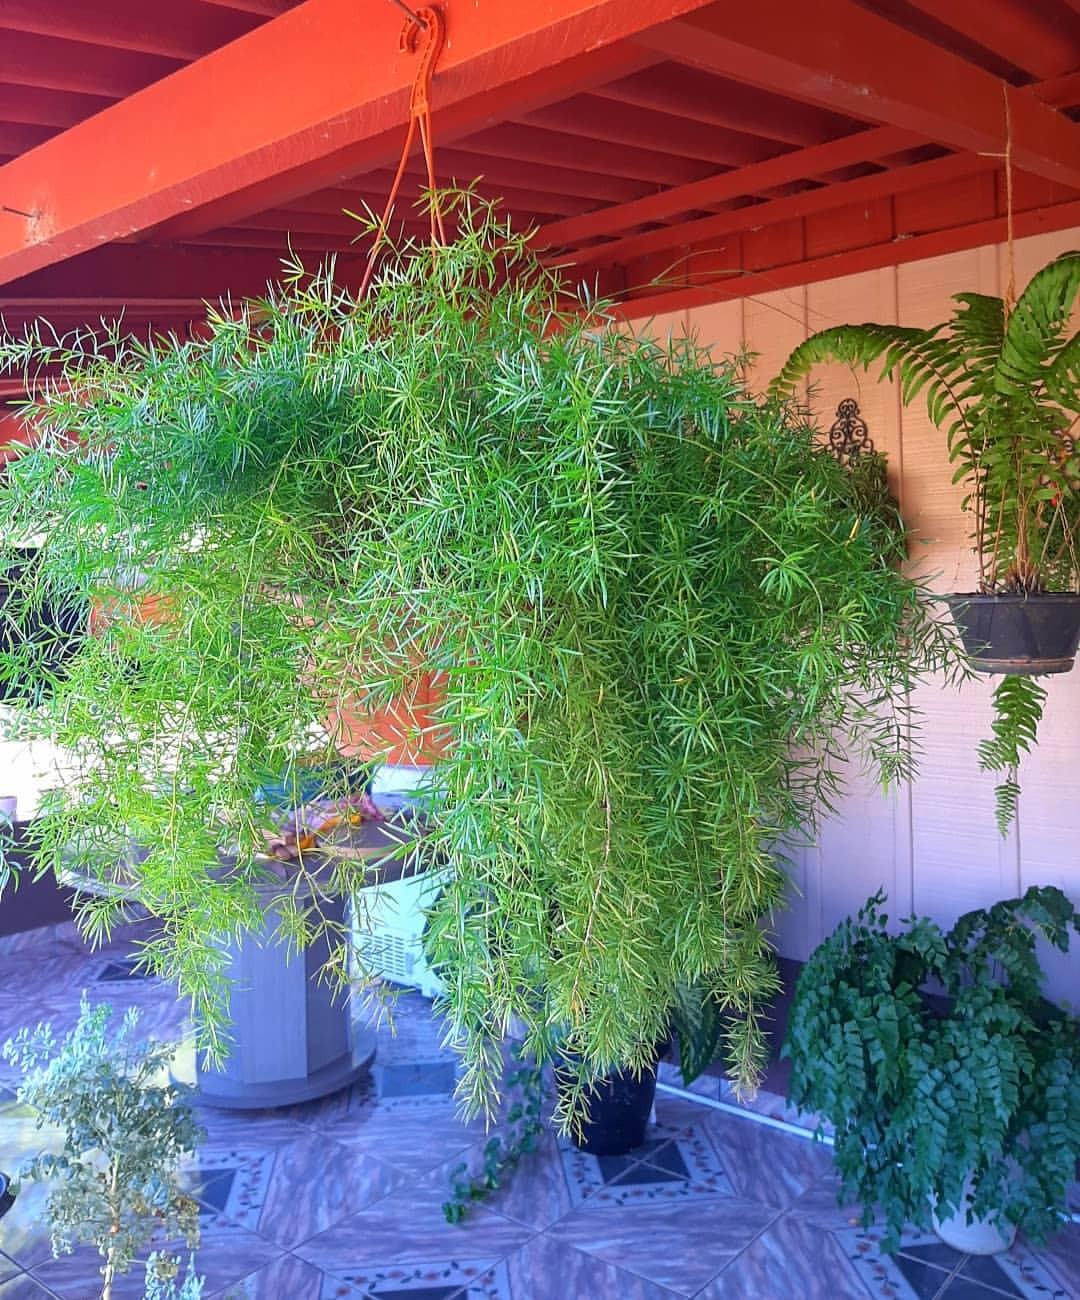 5 plantas ornamentais para cultivar no seu jardim (Foto: Reprodução / Instagram / @viviane.cristinasilva)